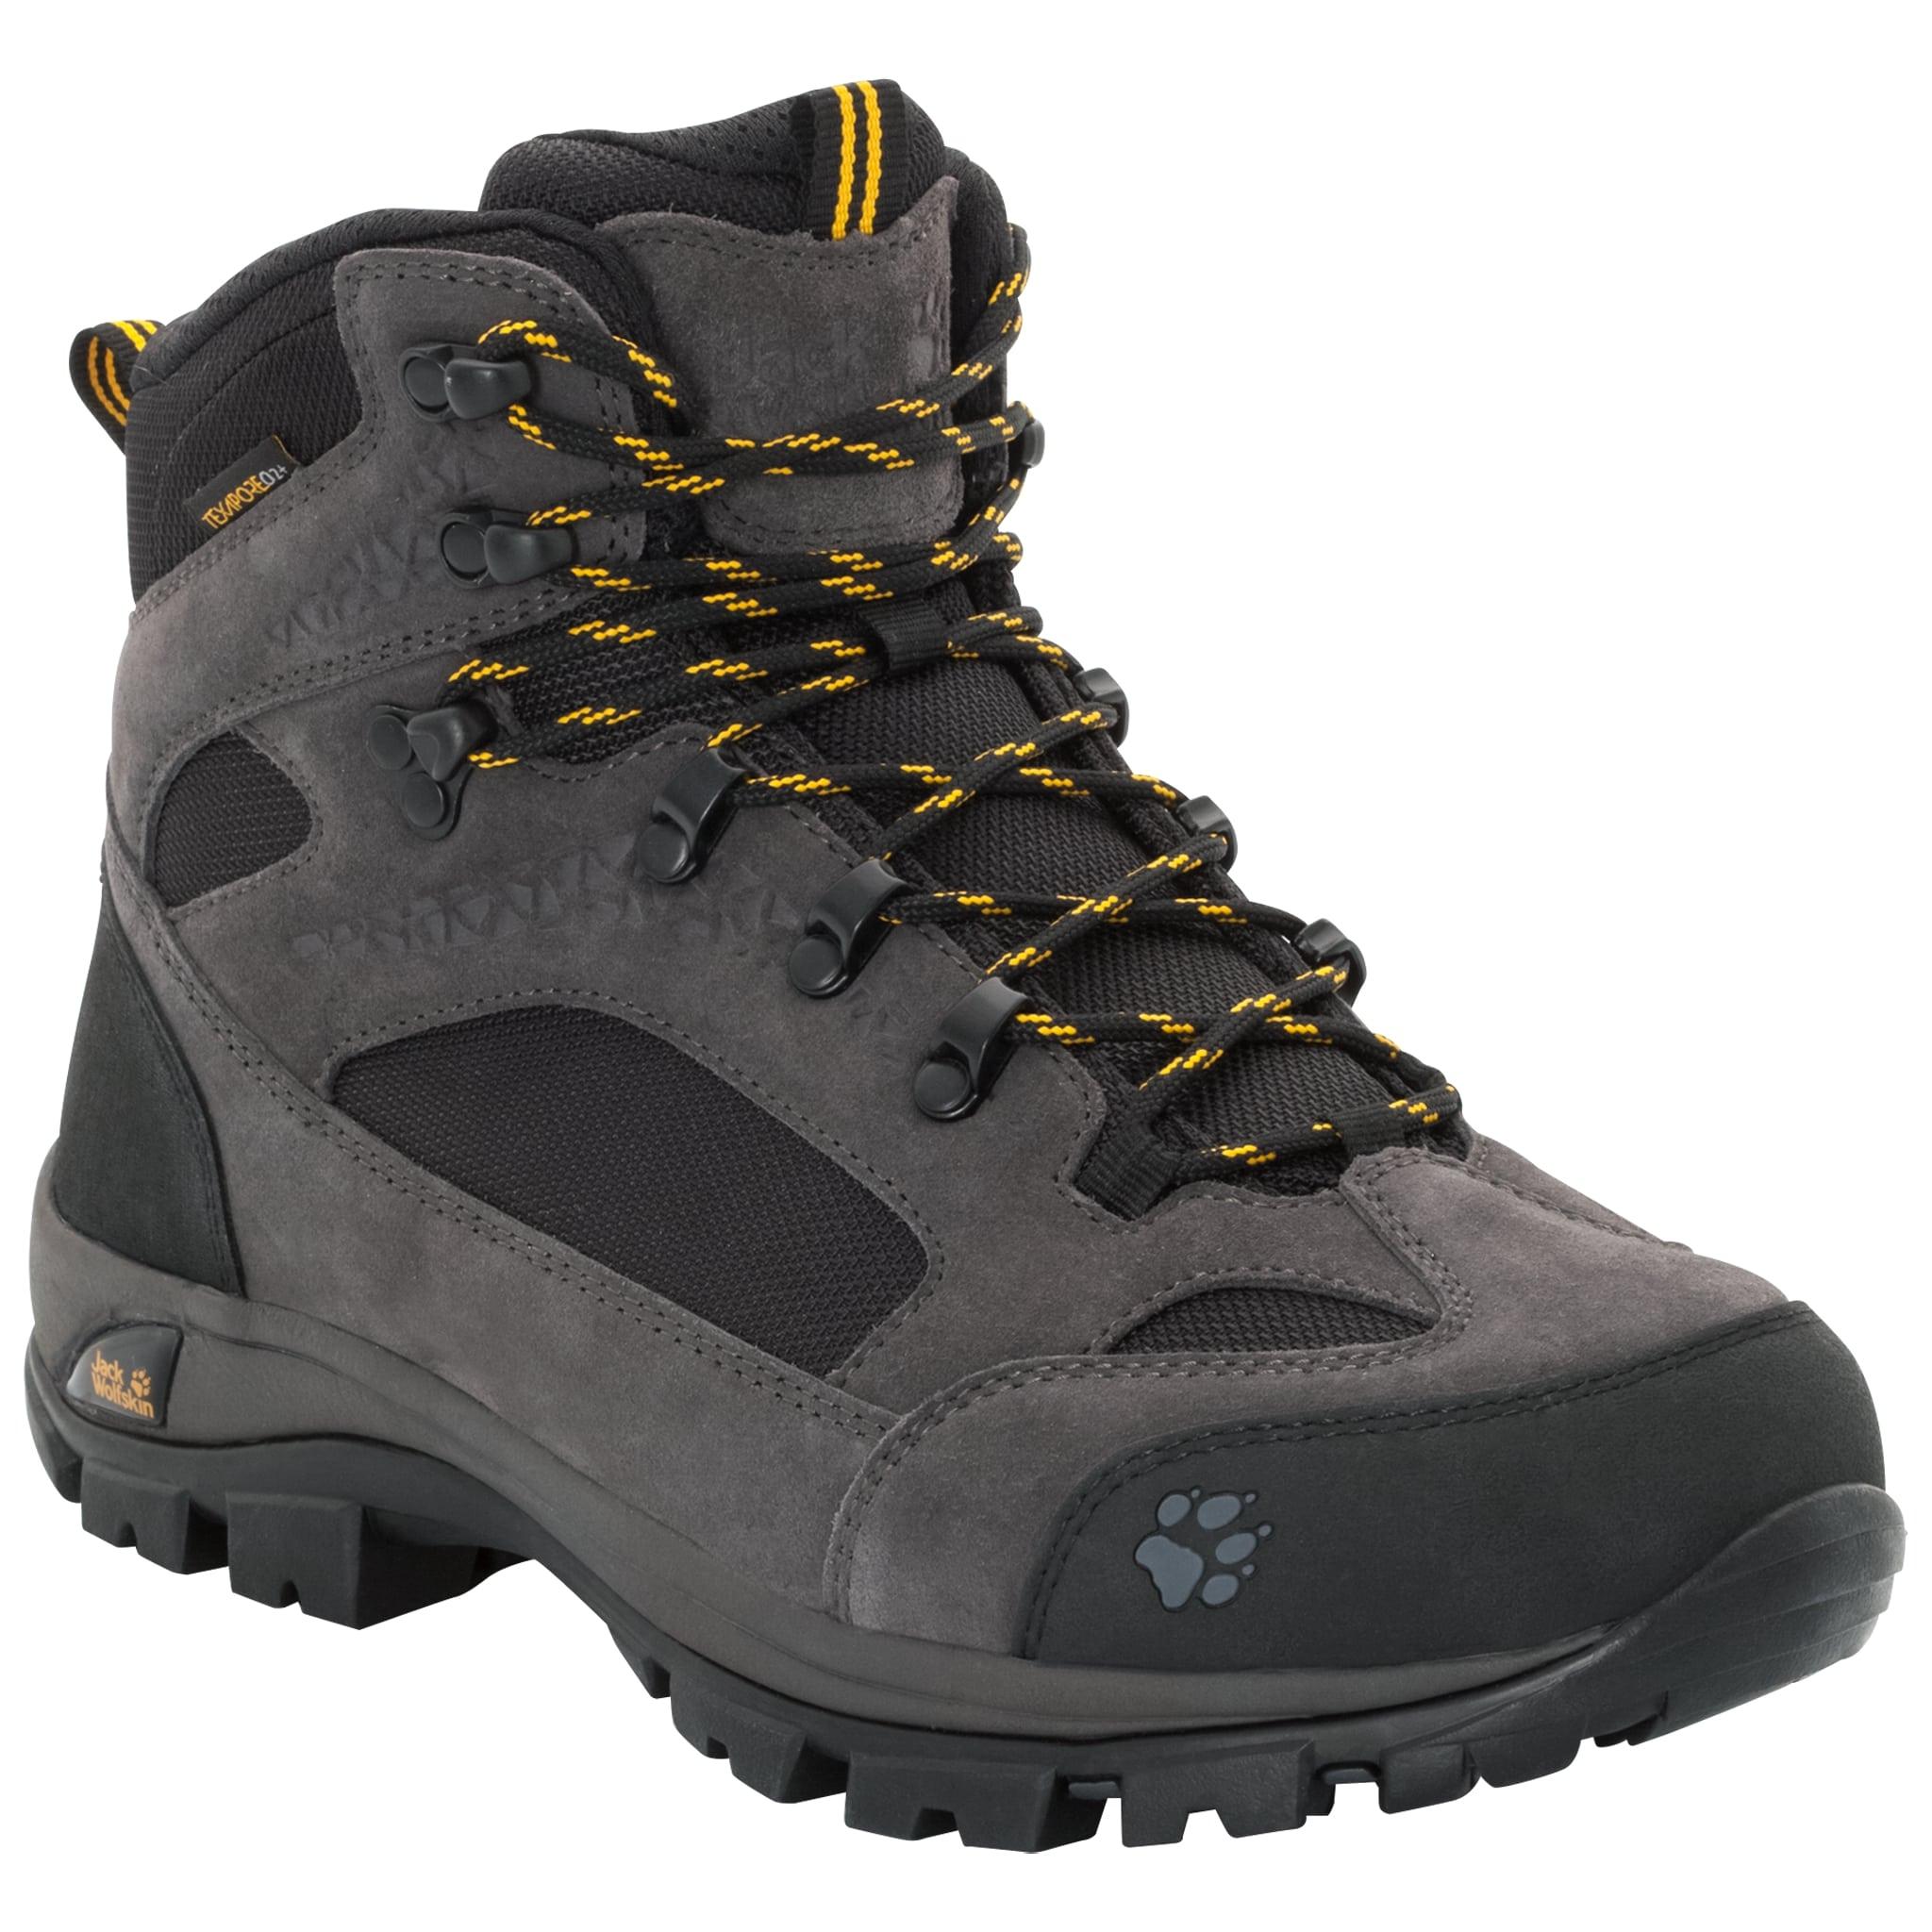 bardzo popularny zamówienie słodkie tanie Jack Wolfskin All Terrain 8 Texapore Mid Hiking Boots - Men's